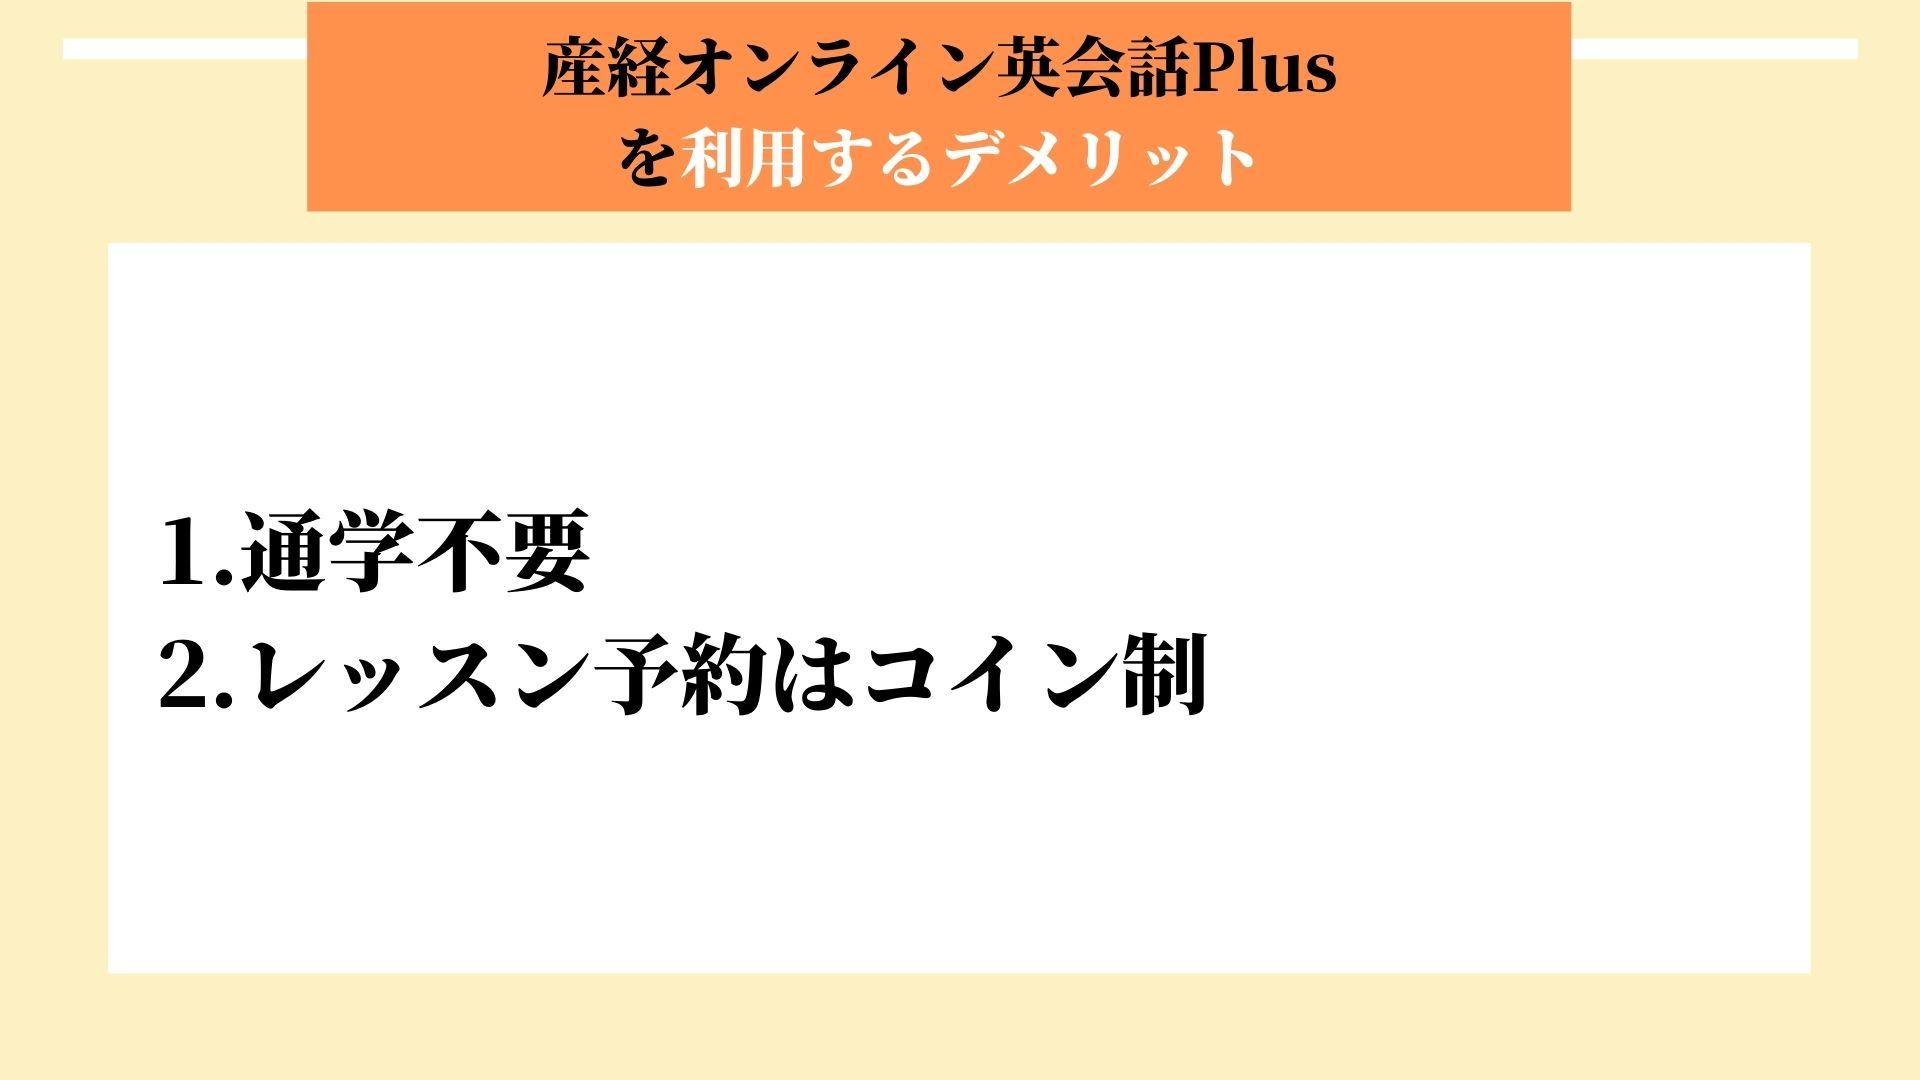 産経オンライン英会話Plus デメリット